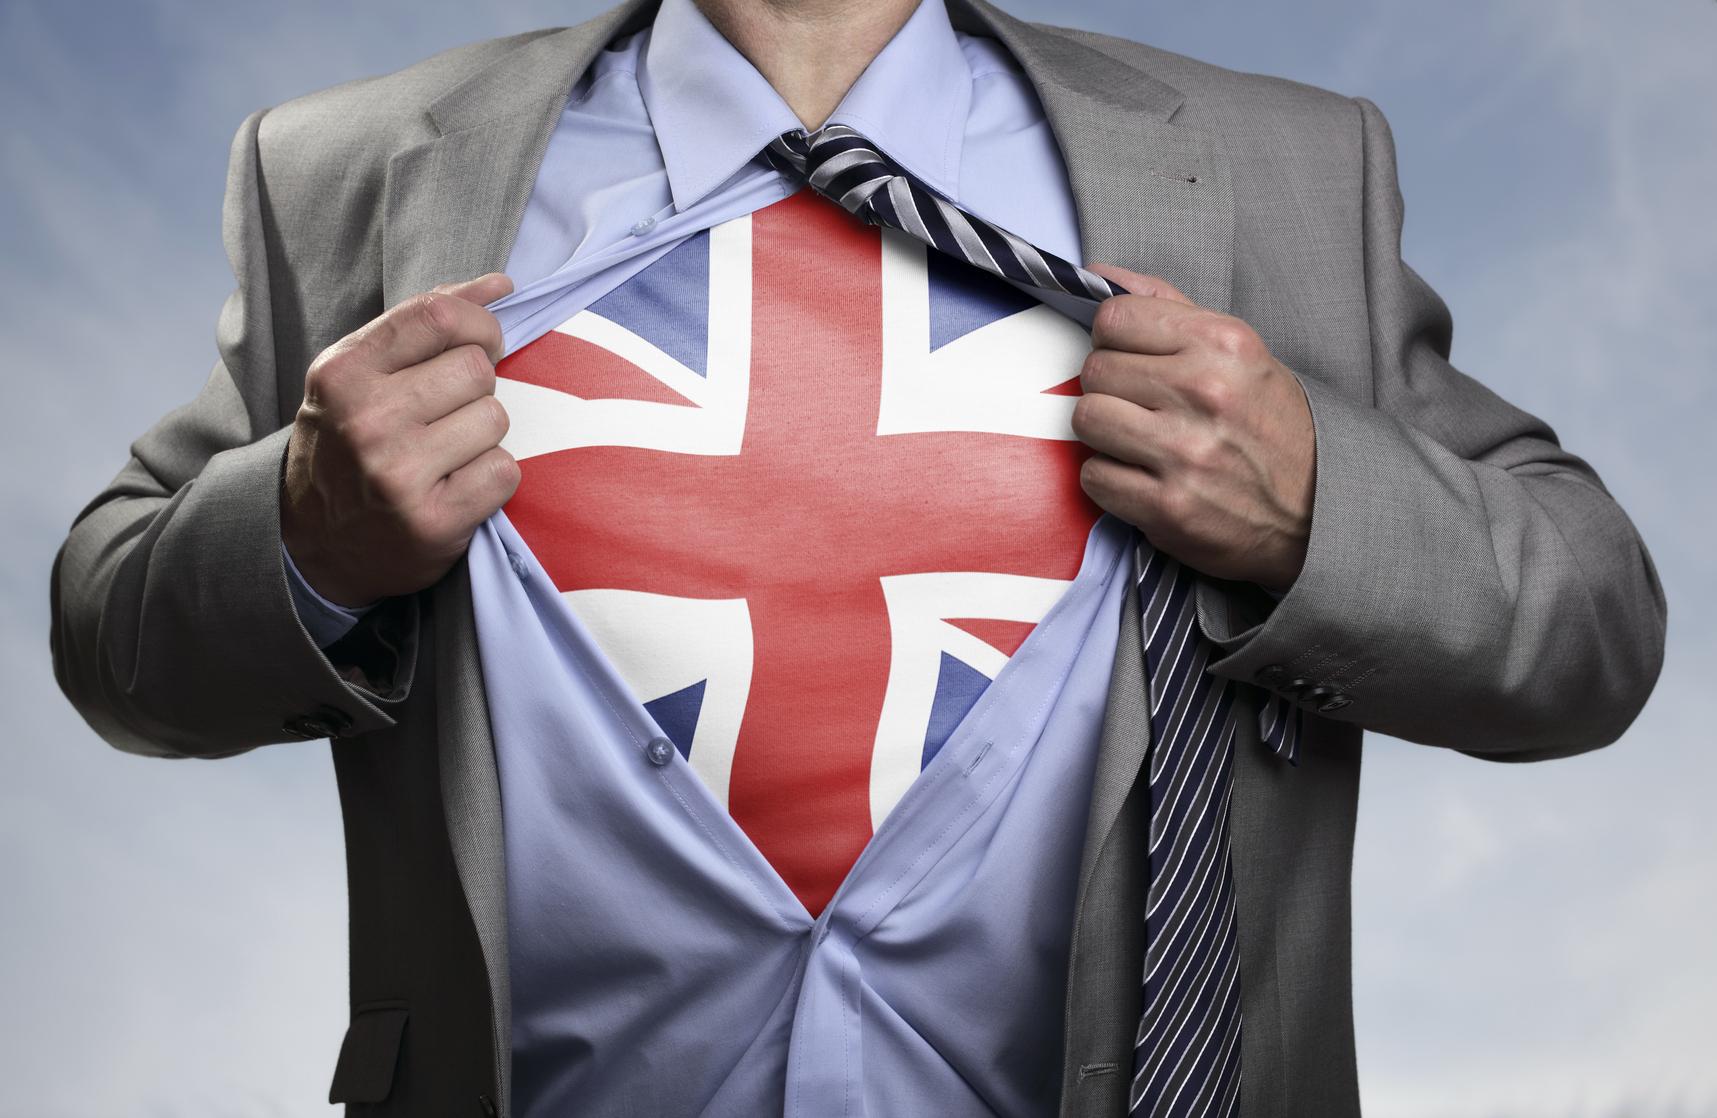 proud britain